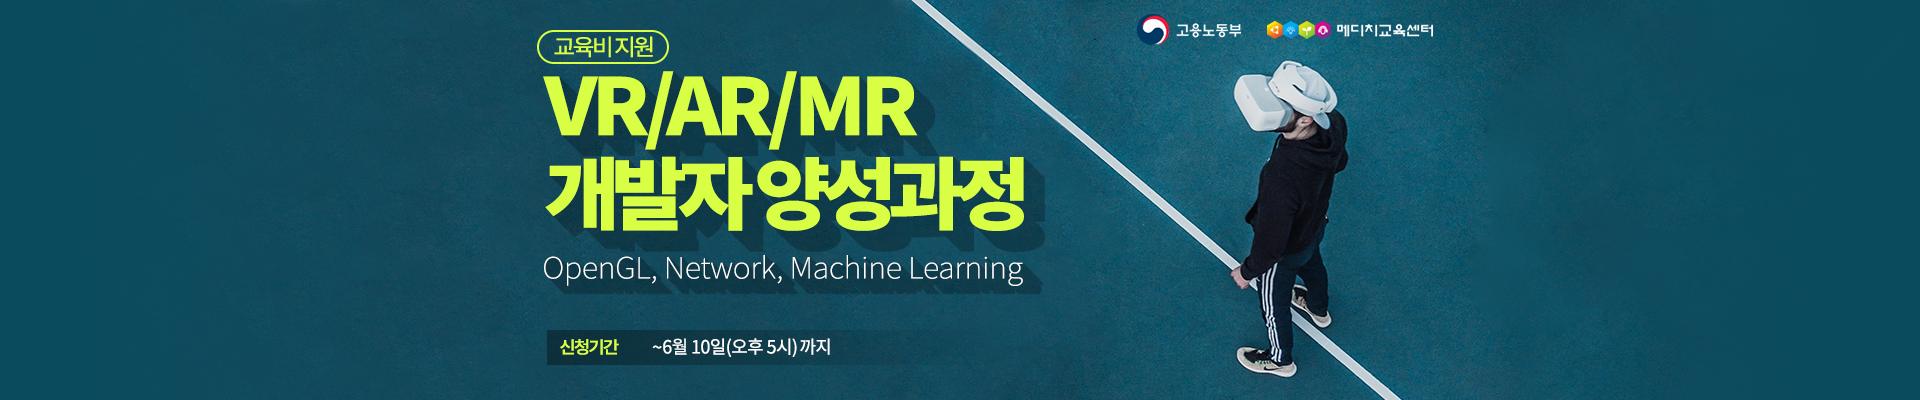 이벤터스_[국비지원/취업연계] VR/AR/MR 개발자 양성과정 교육생모집